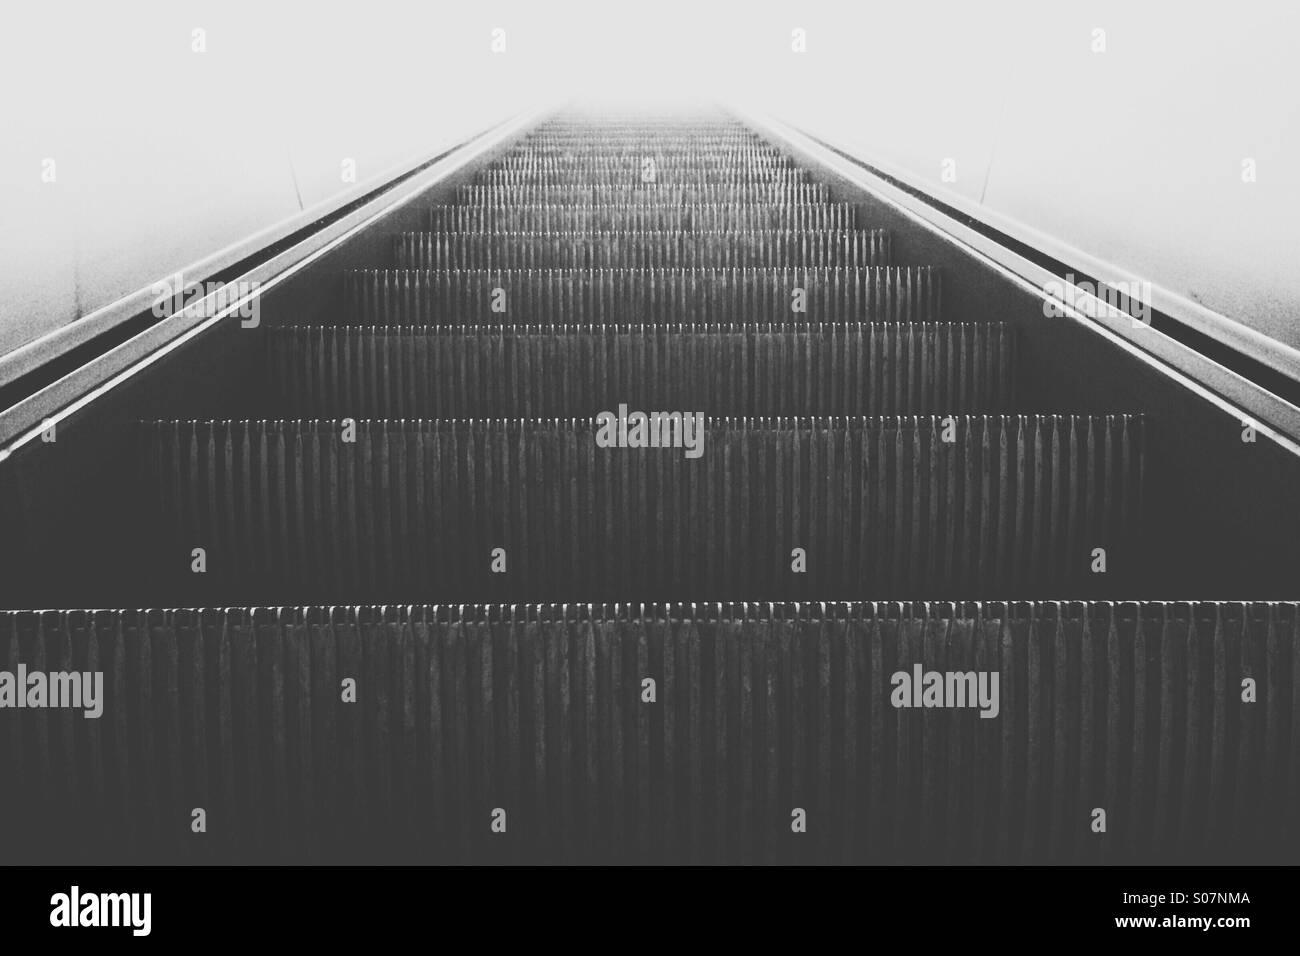 Las escaleras moviendo hacia arriba hacia la luz Imagen De Stock